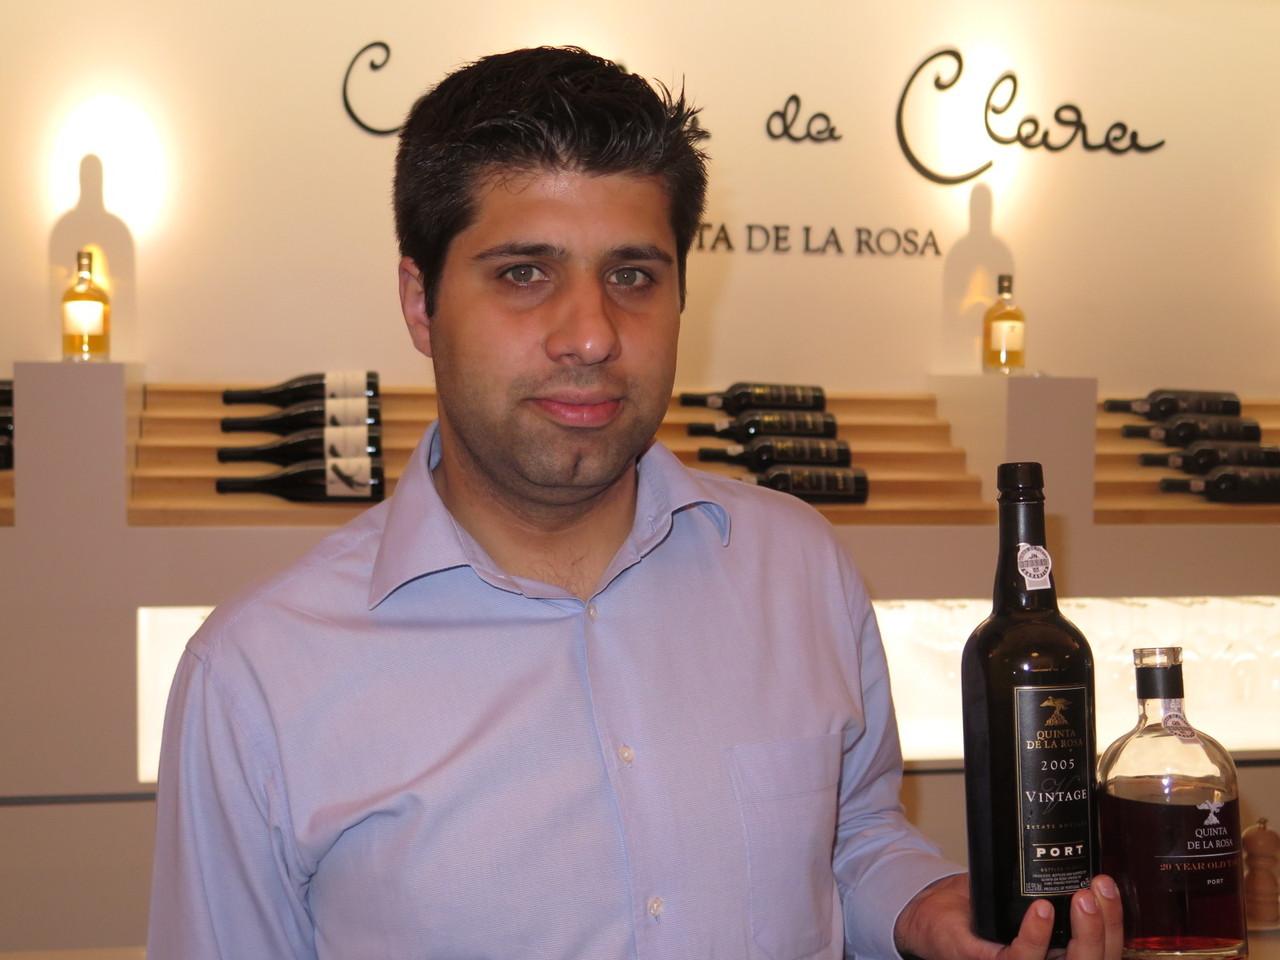 Pedro Esteves e dois clássicos Vinhos do Porto da Quinta de la Rosa